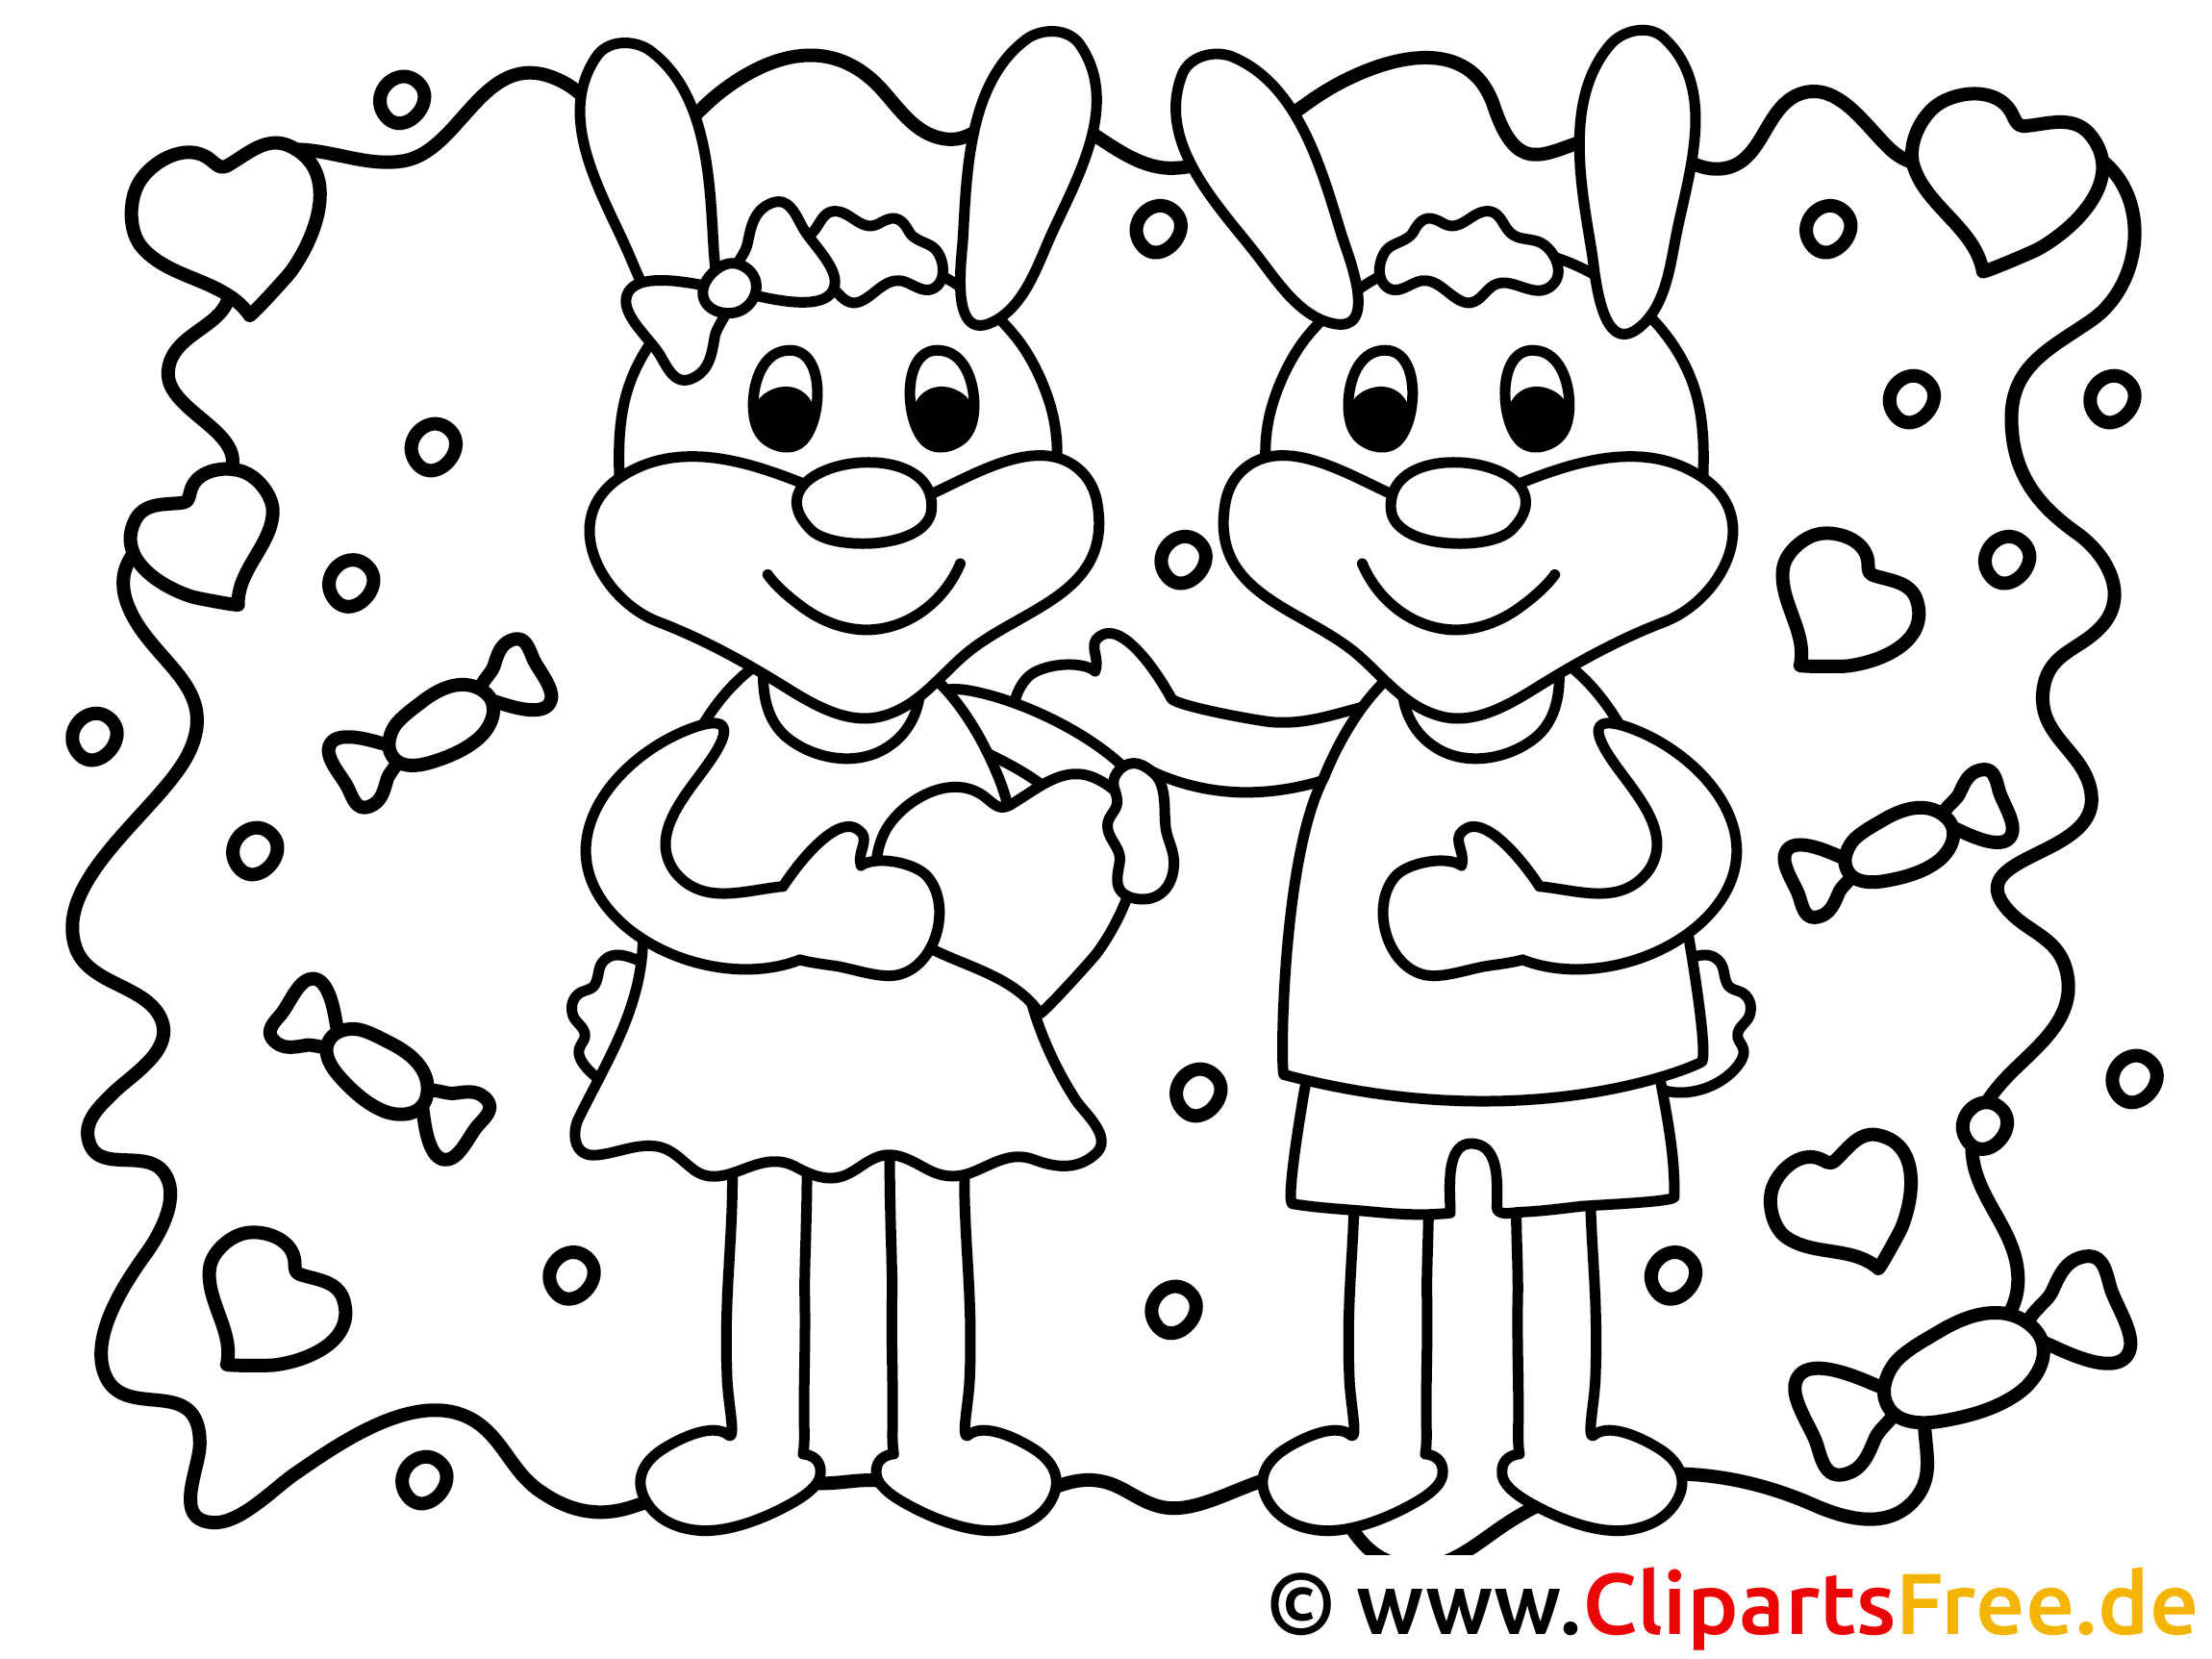 Wunderbar Happy Valentinstag Malvorlagen Bilder - Malvorlagen Von ...